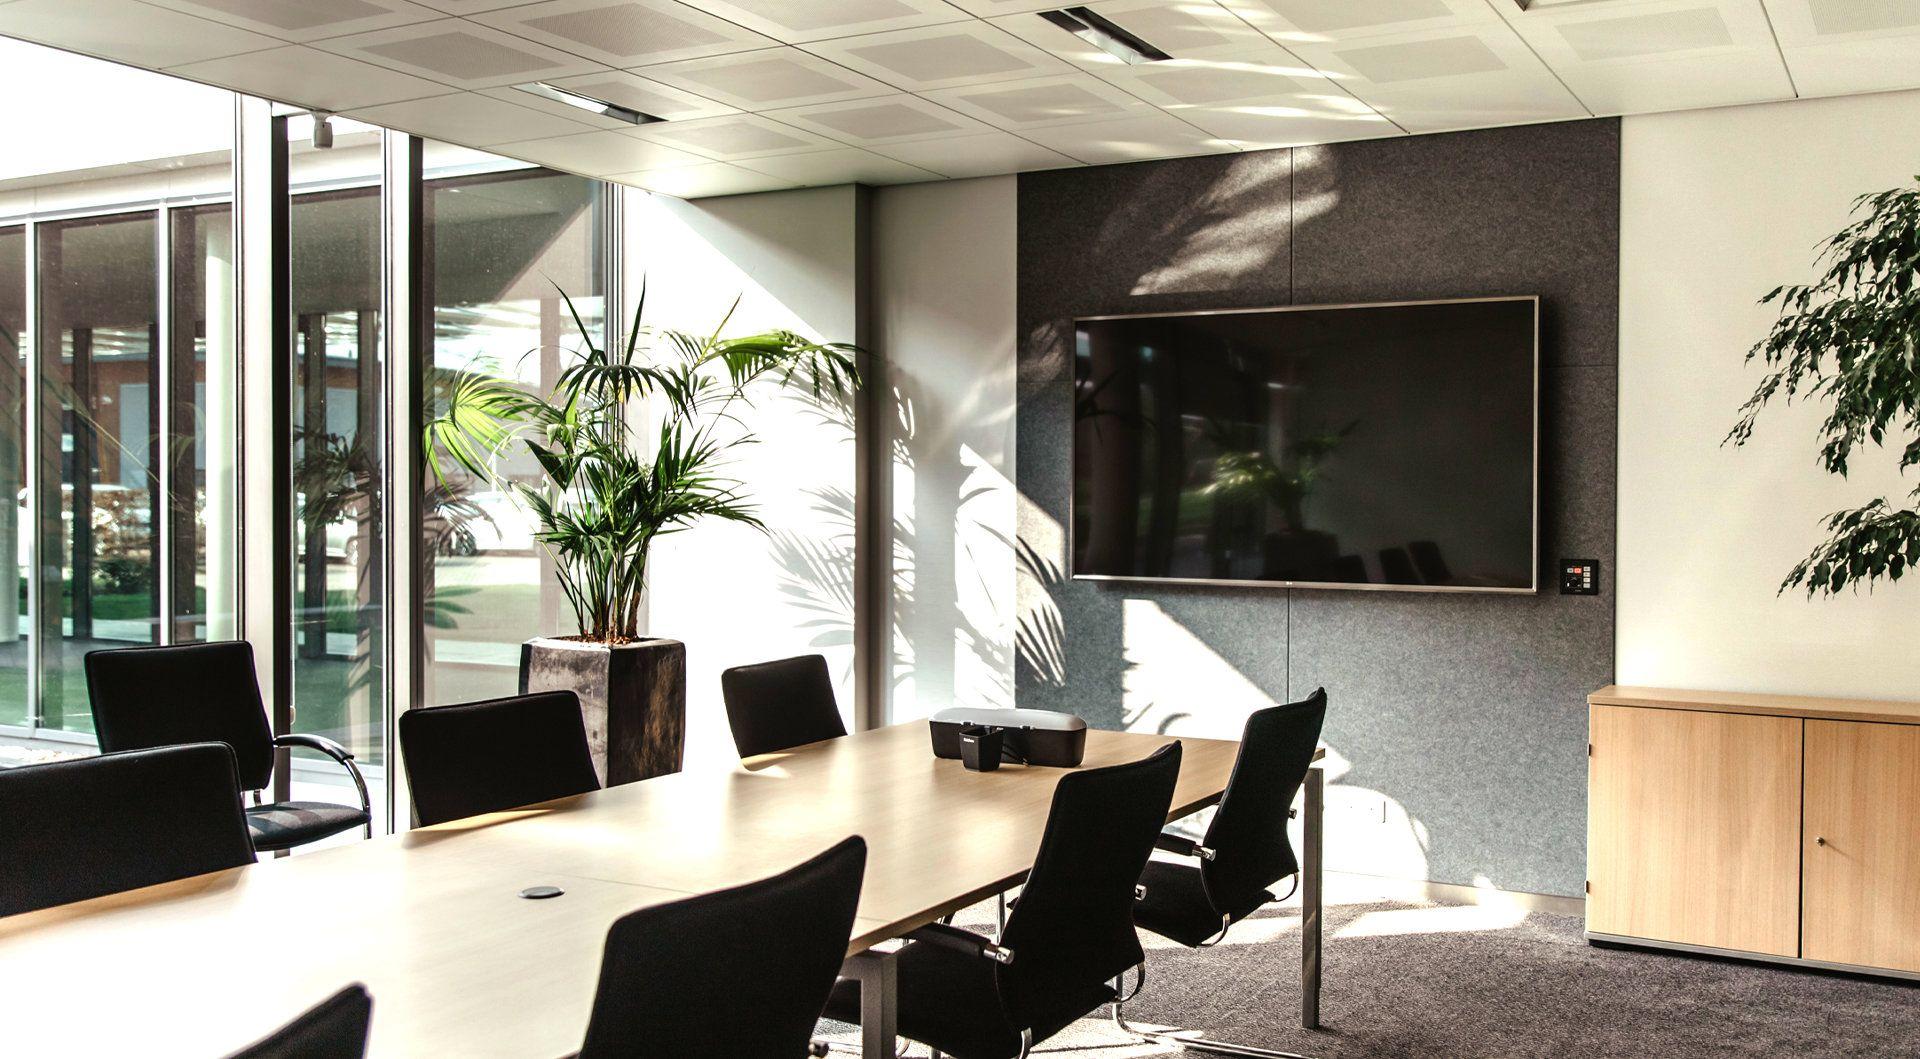 """Projecta Hapro CSR projectiescherm 3,78 m (149"""") 16:9 - Case studie de vries"""